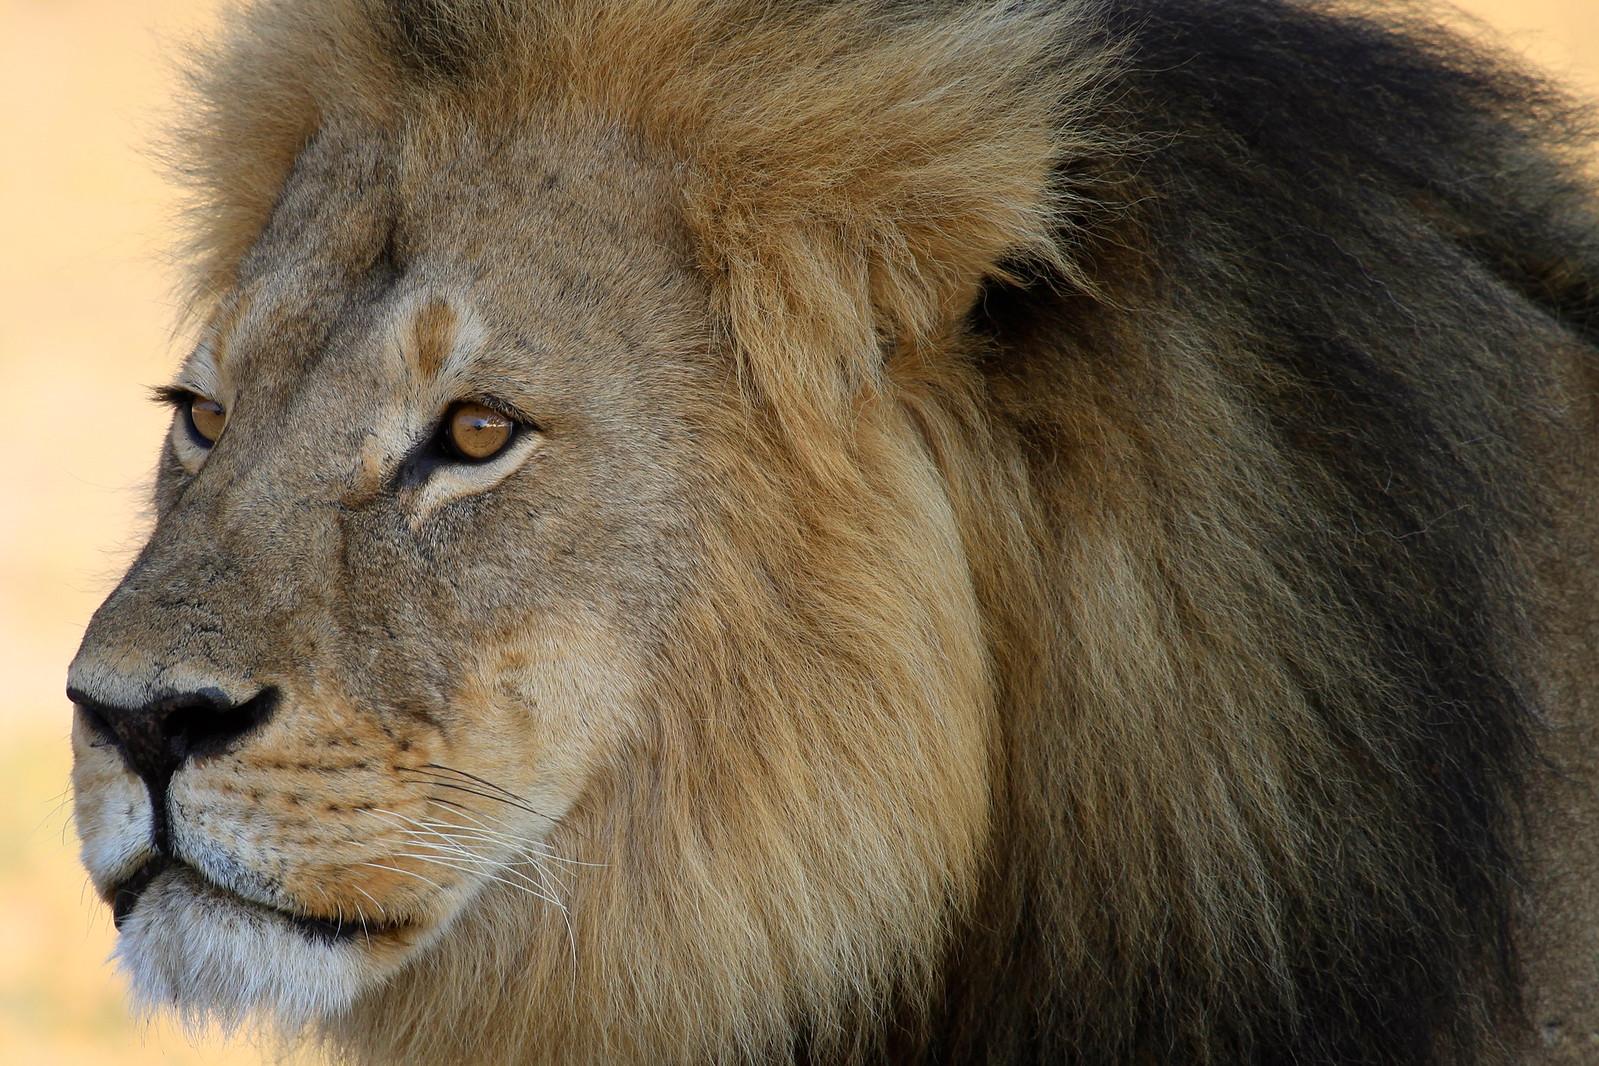 Cecil - The large black maned lion of Hwange